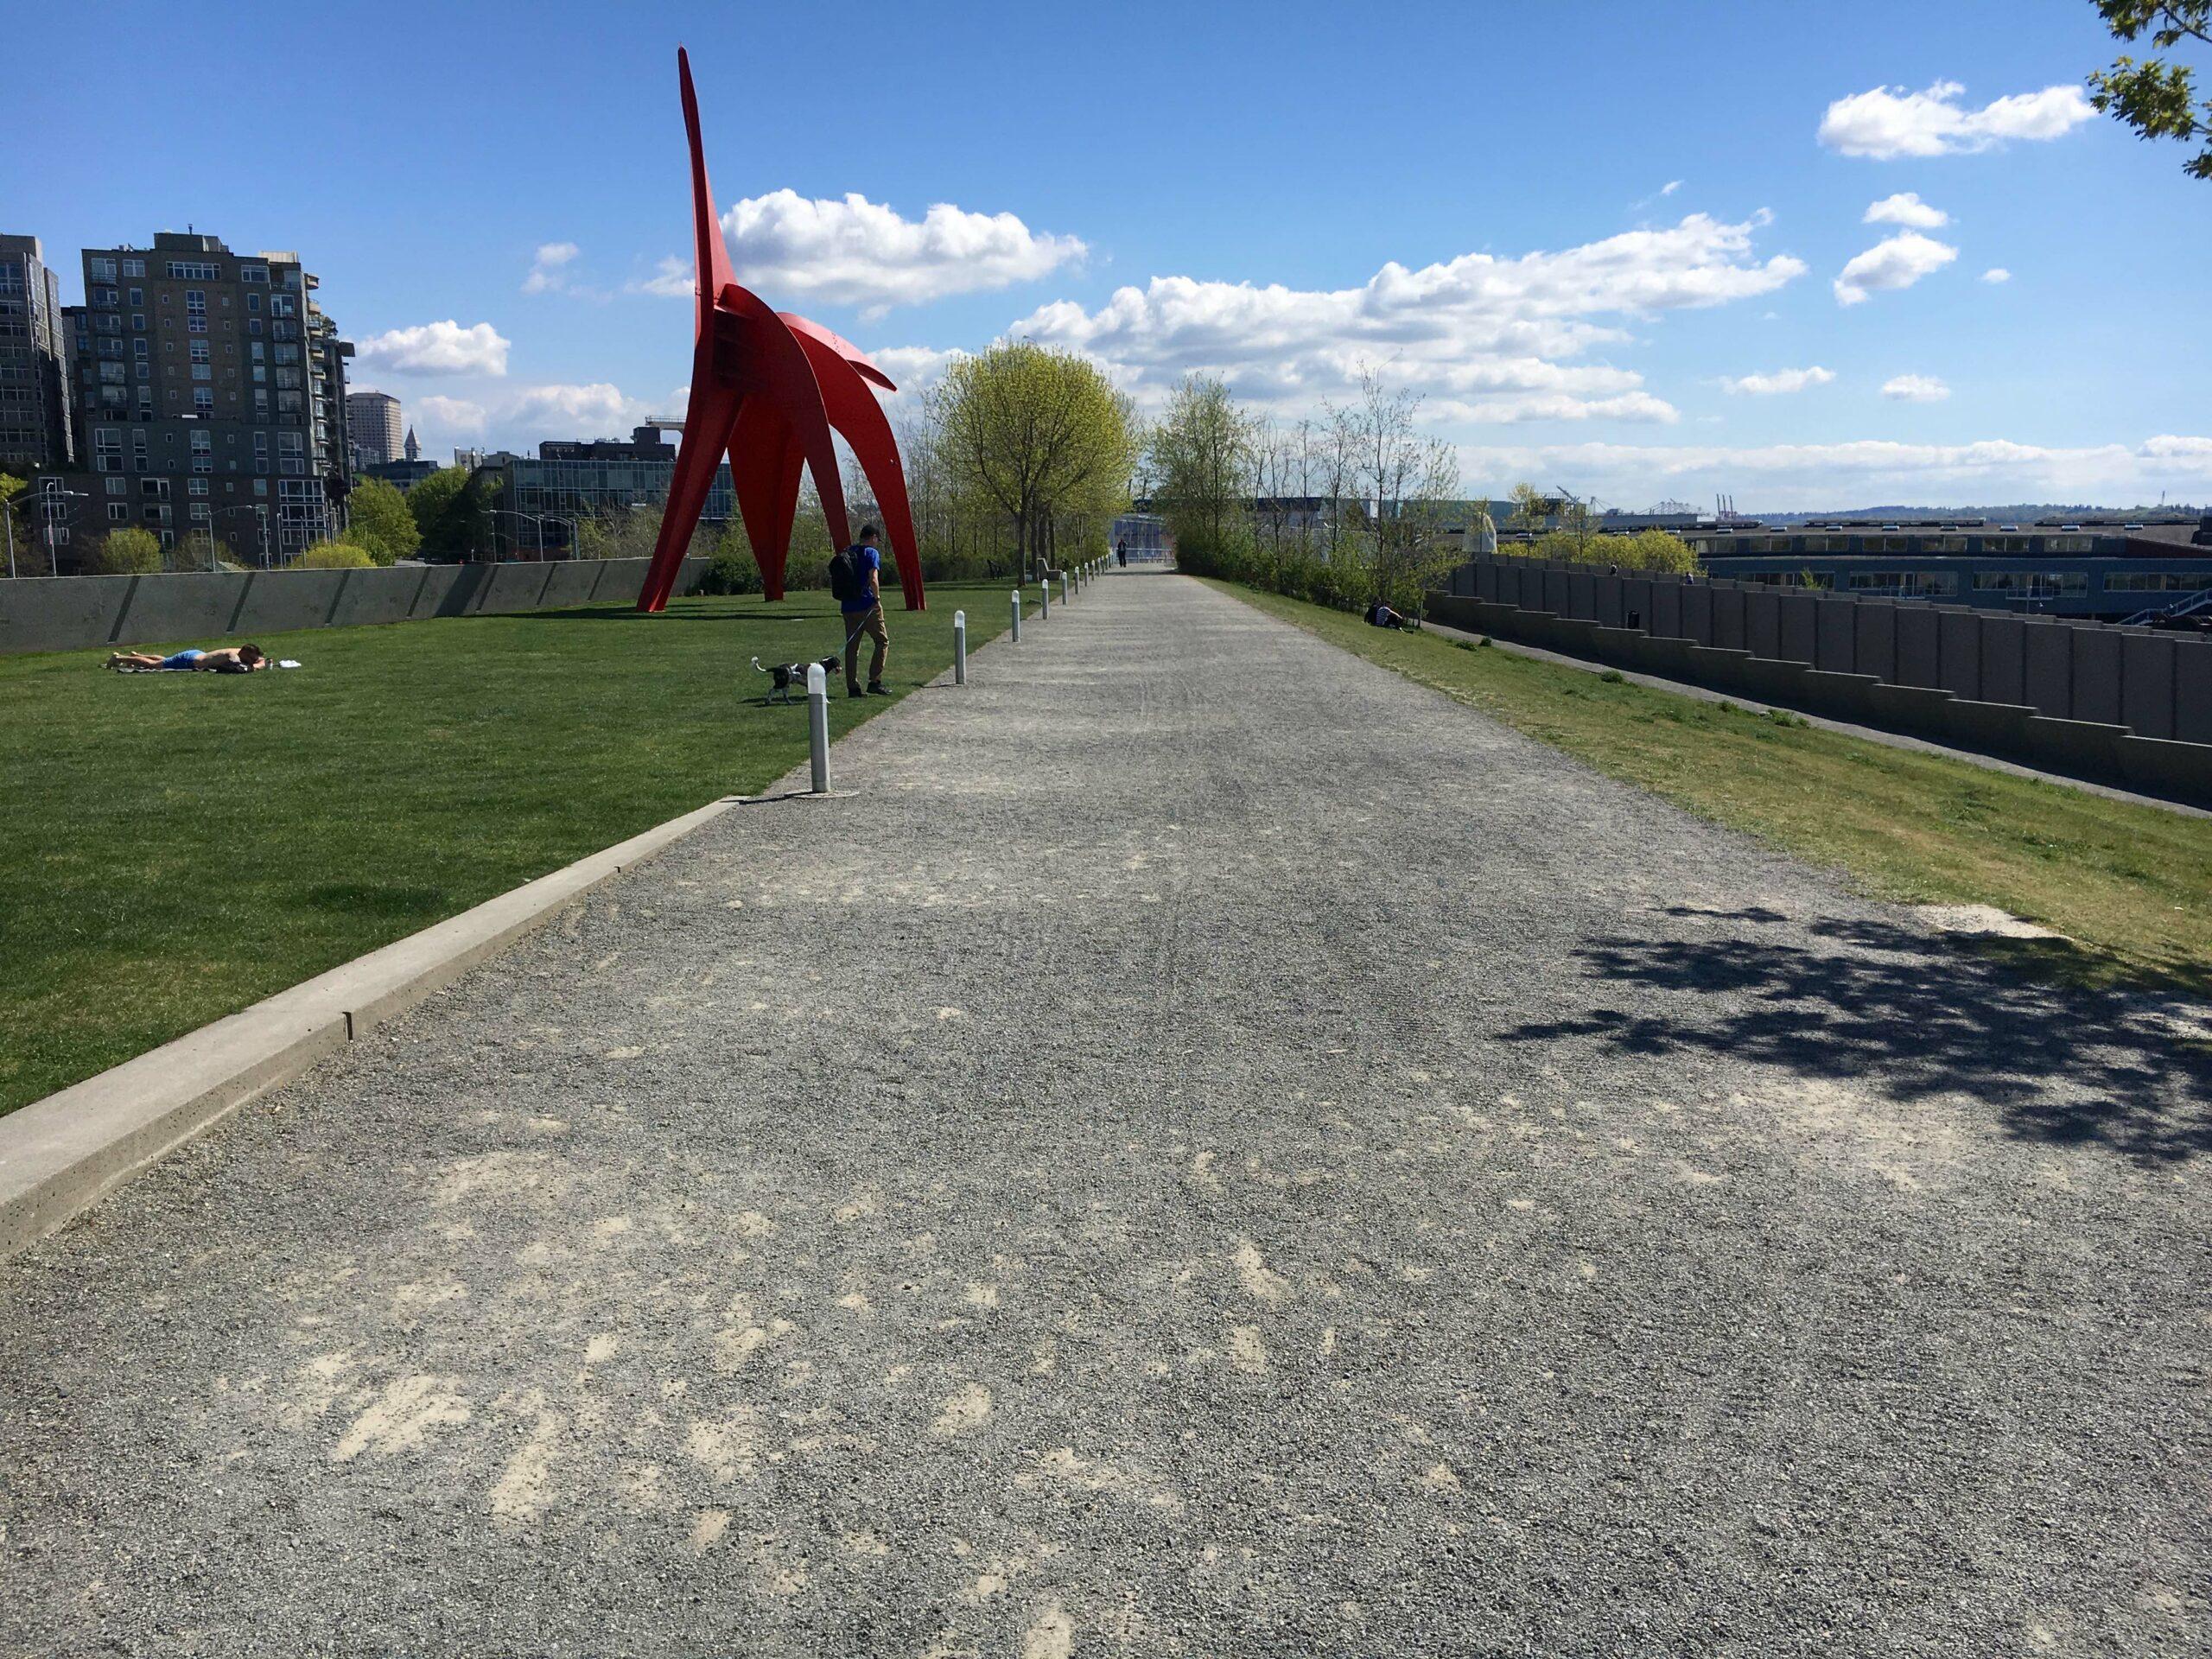 Calder in Sculpture Park